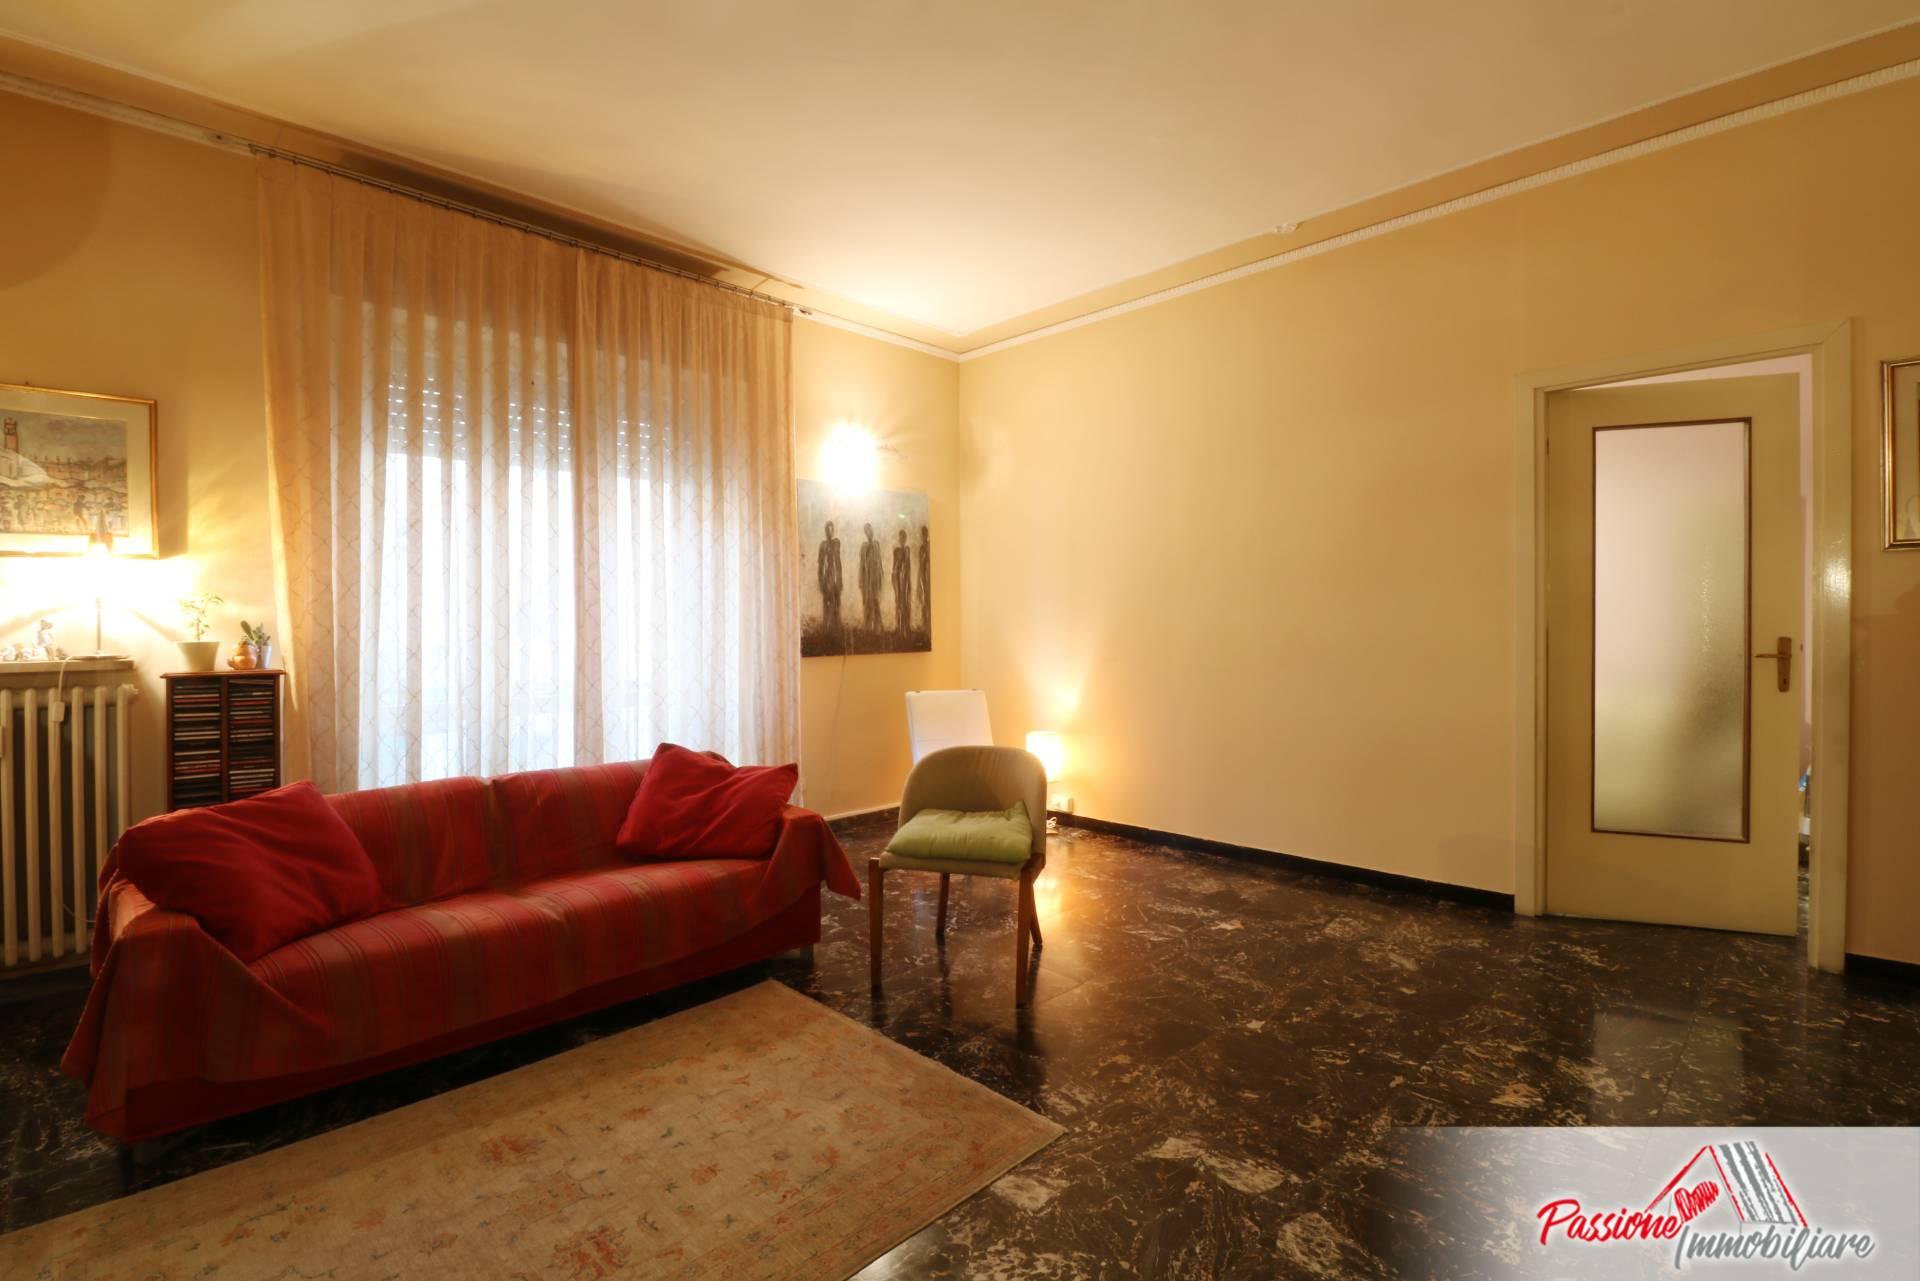 Appartamento in vendita a Borgo Venezia – Passione Immobiliare Verona